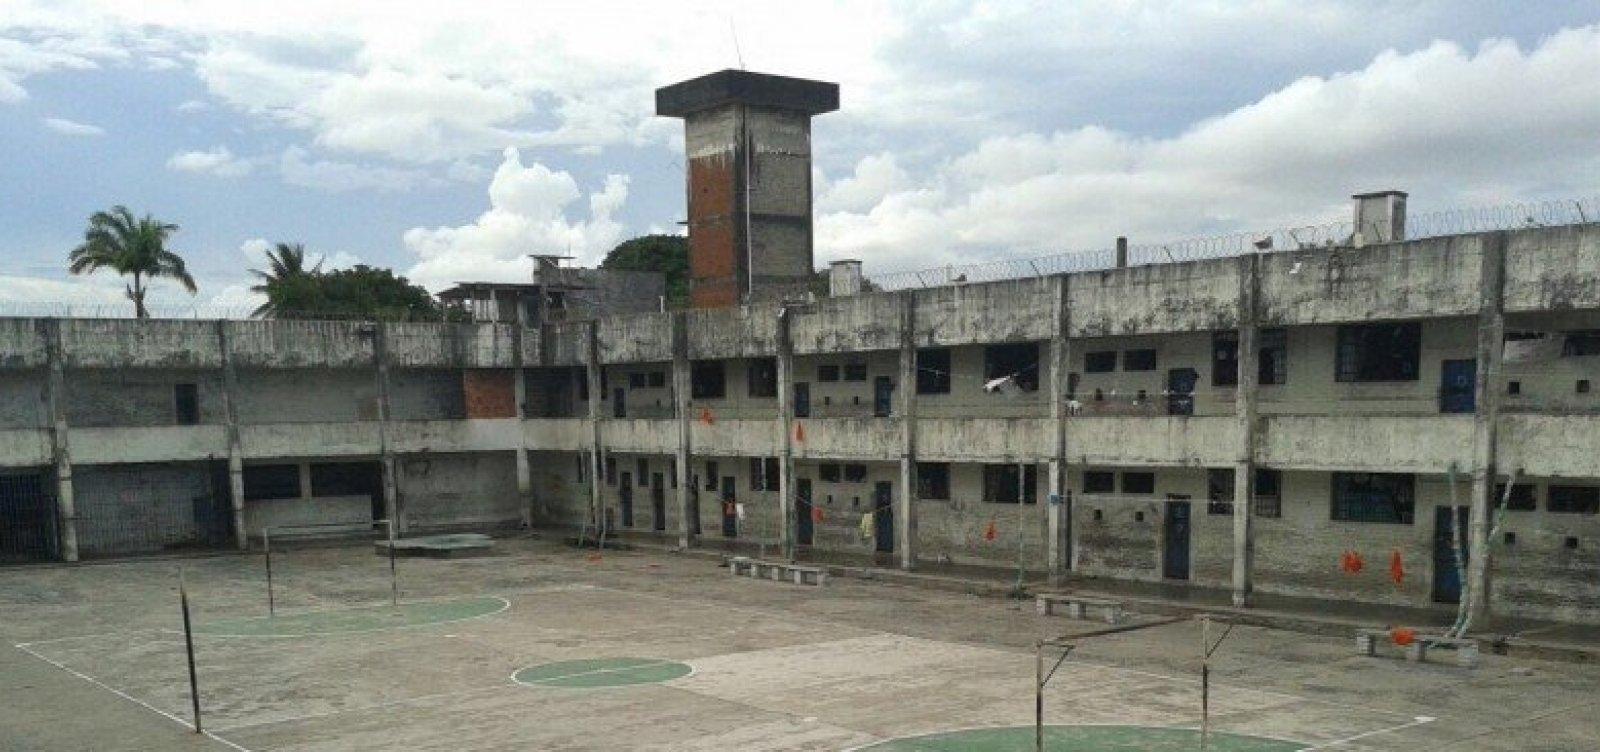 Polícia recaptura três detentos que fugiram do Presídio Salvador